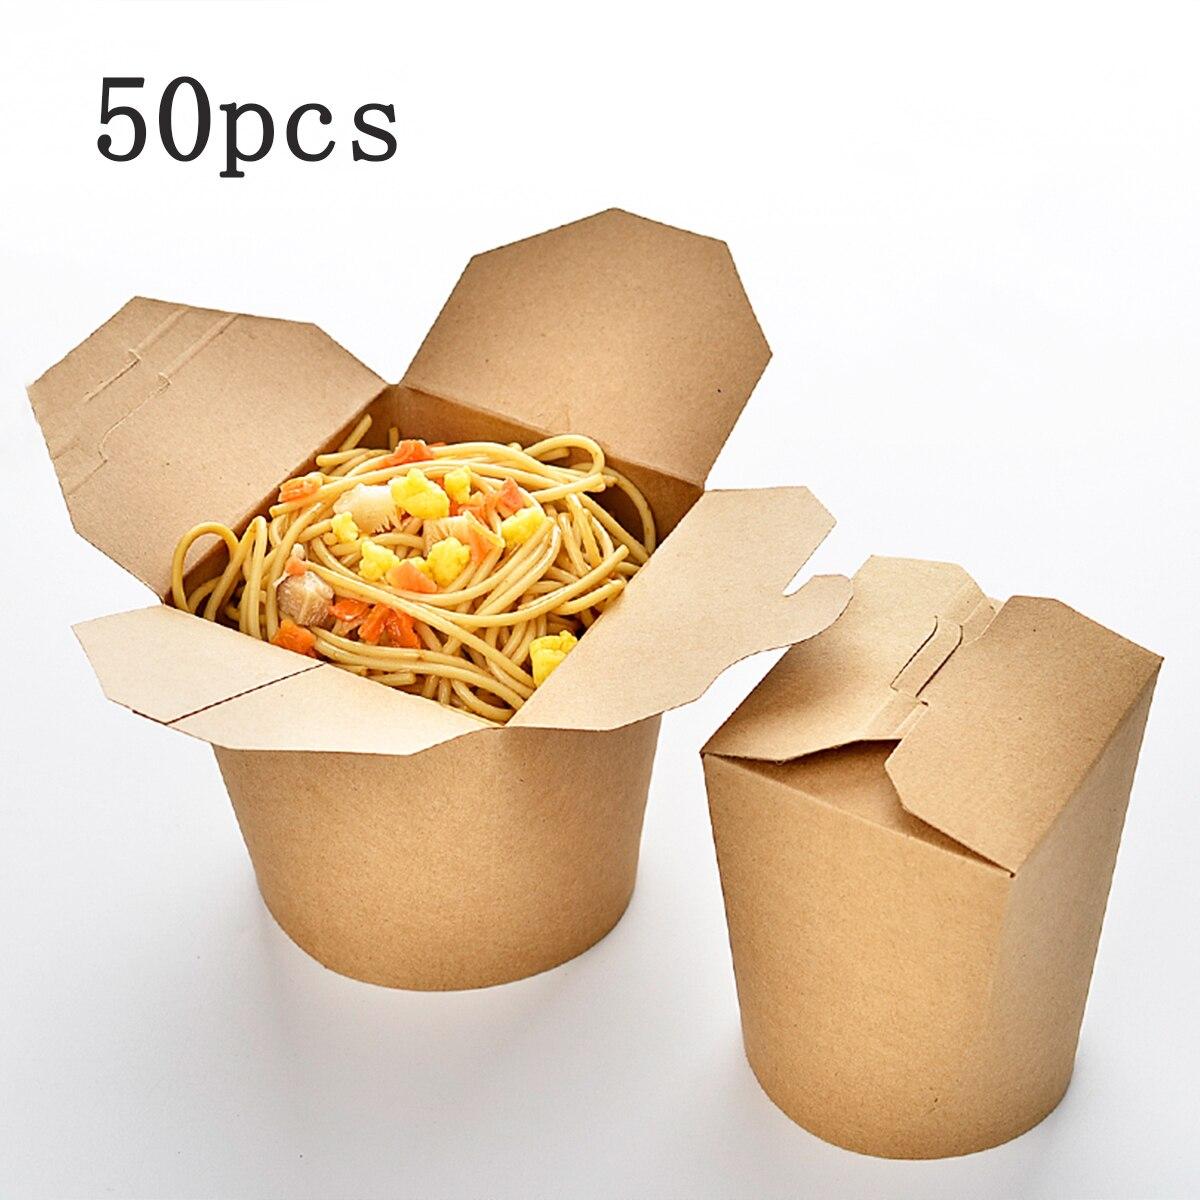 Cubo de Papel Kraft de 50 uds/set16 onzas contenedores preparación comida desechable Paquete de comida para llevar caja de papel Kraft boda fiesta de cumpleaños